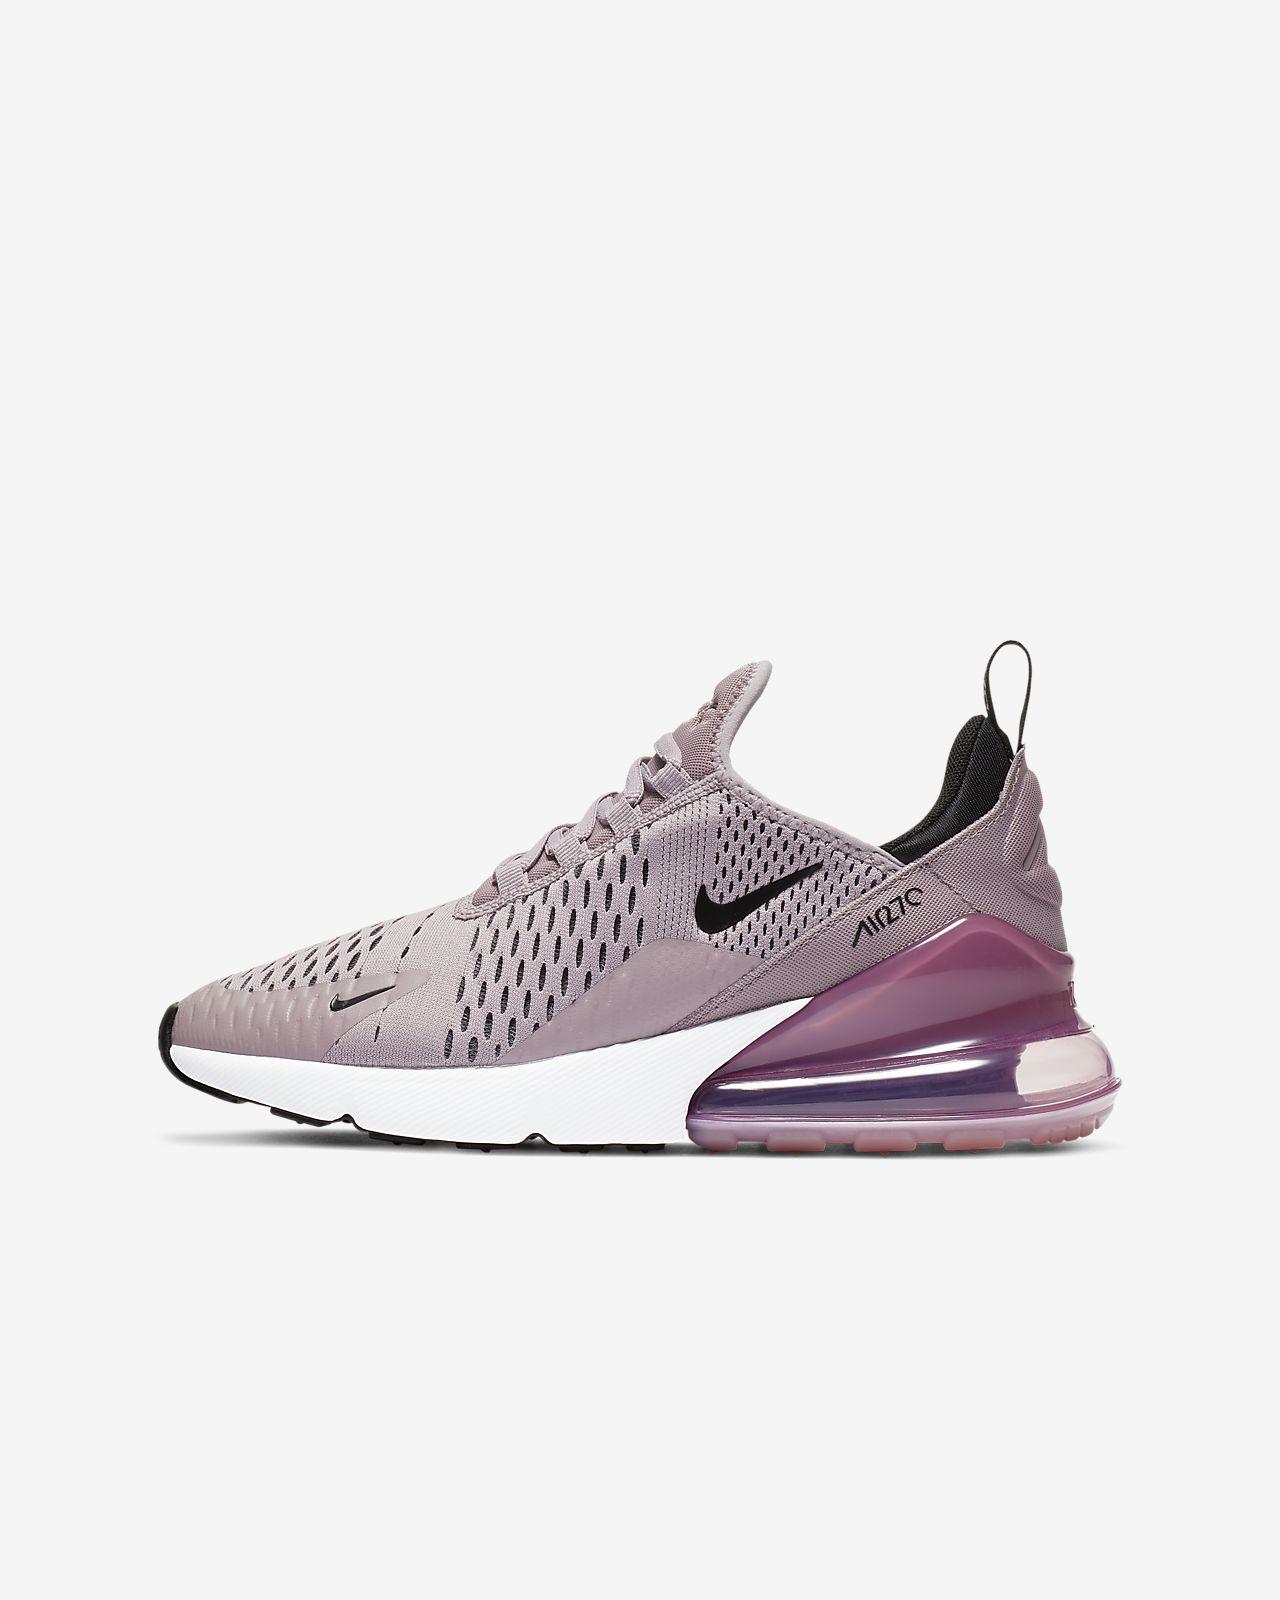 Chaussure Ca Plus Âgé Nike Air Homme Max Pour 270 qSMUGzVp